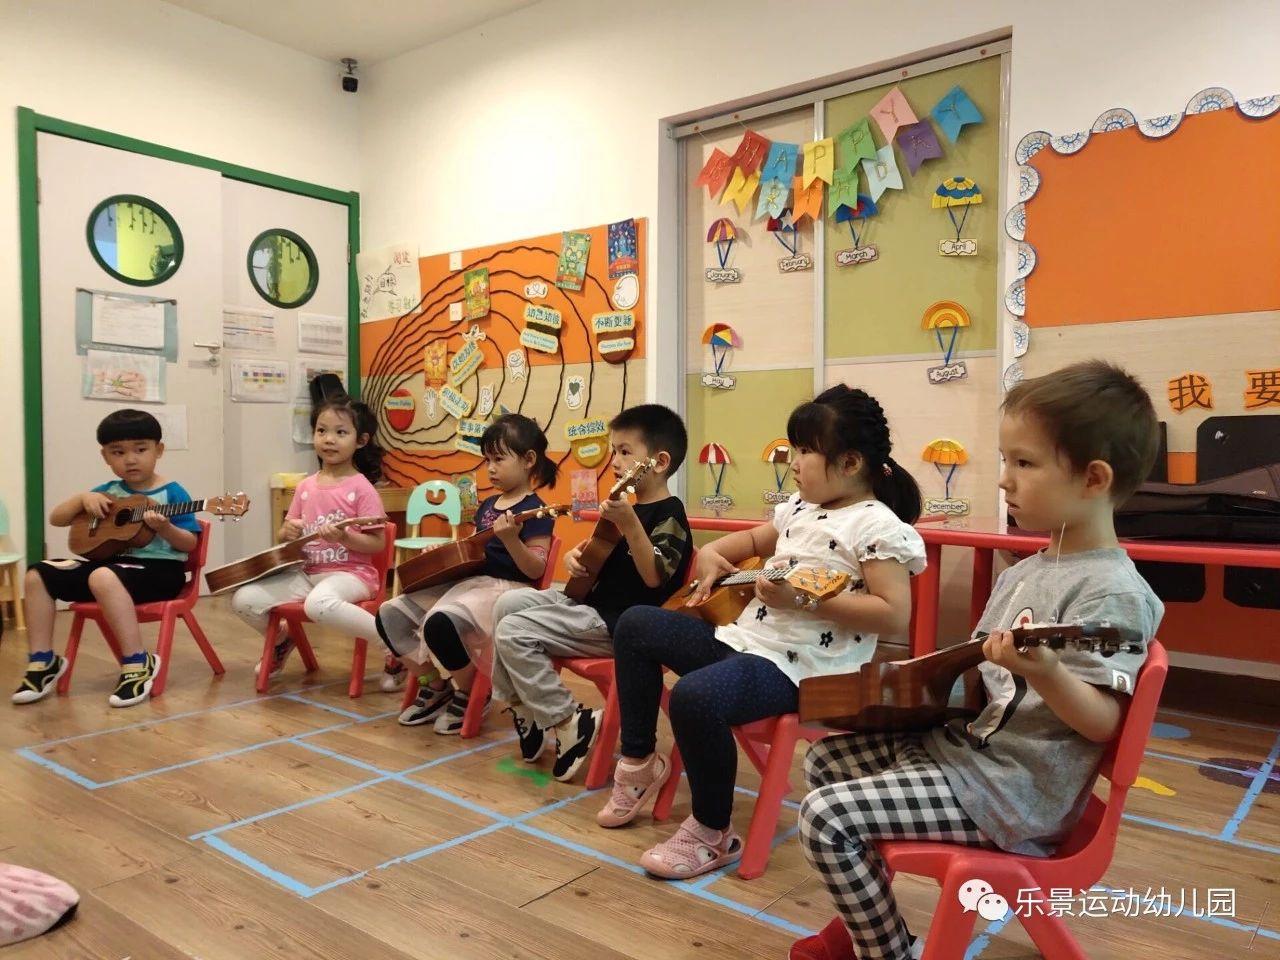 shanghai teaching jobs